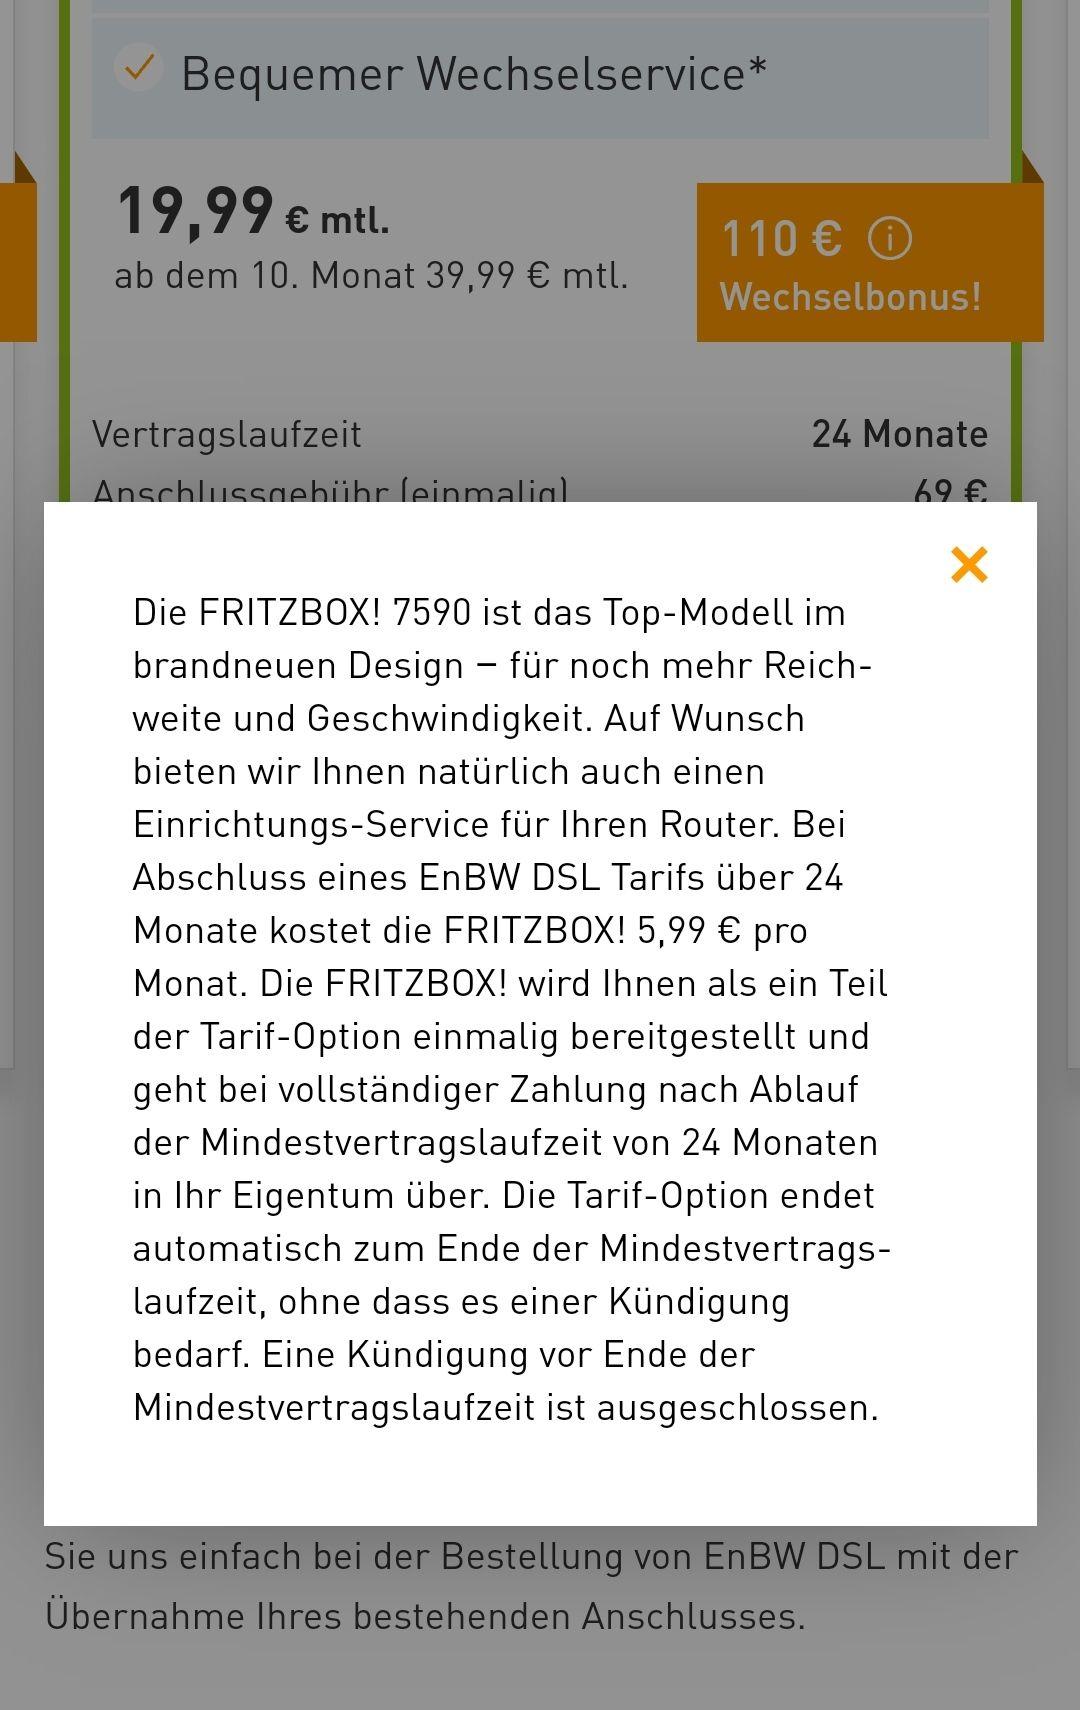 FritzBox 7590 über Mietkauf auf 24 Monate, allerdings in Kombi mit den neuen EnBW DSL-Monatstarifen (diese sind eher teuer)